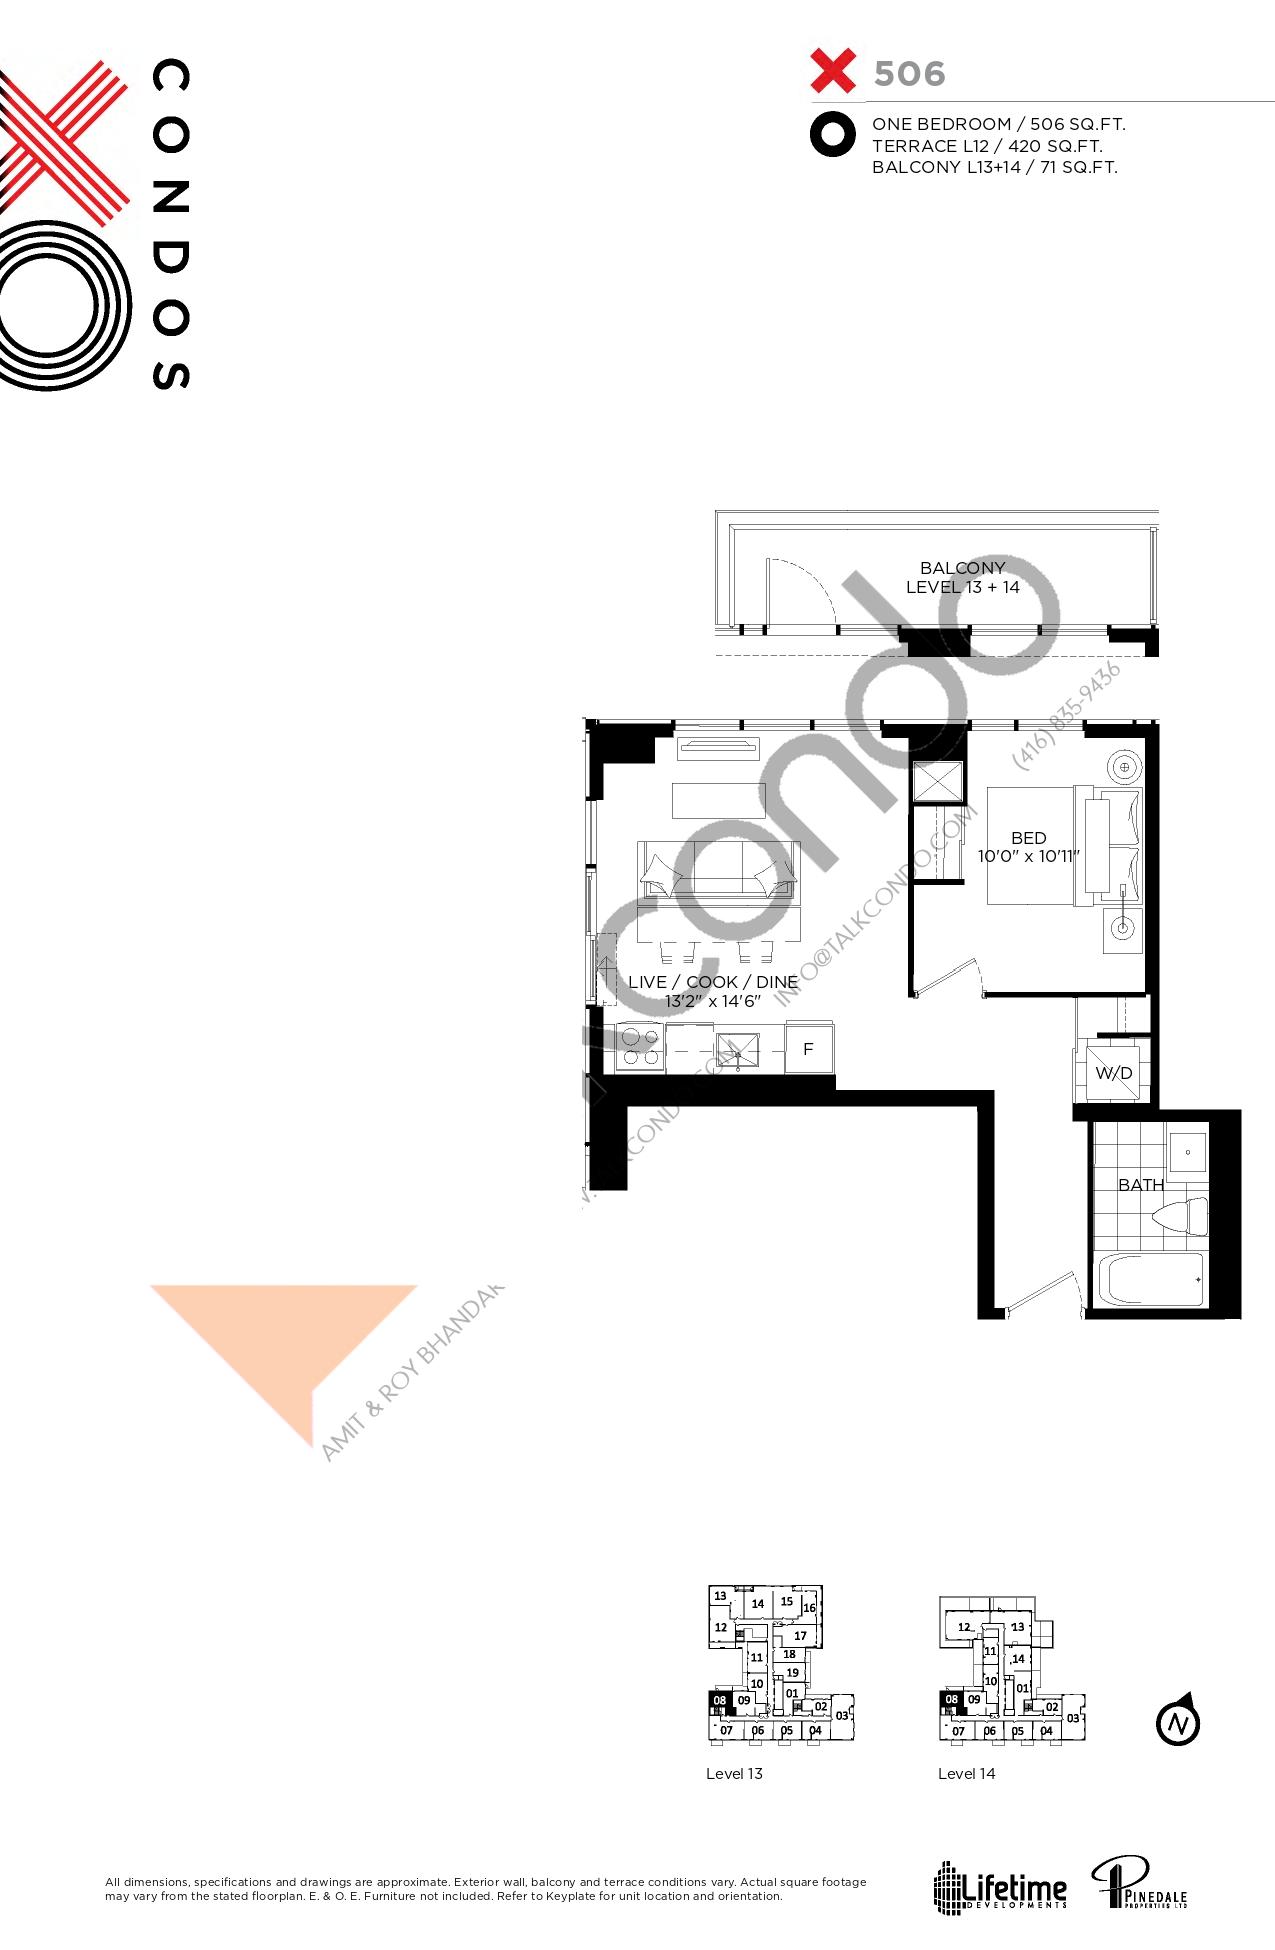 X506 Floor Plan at XO Condos - 506 sq.ft